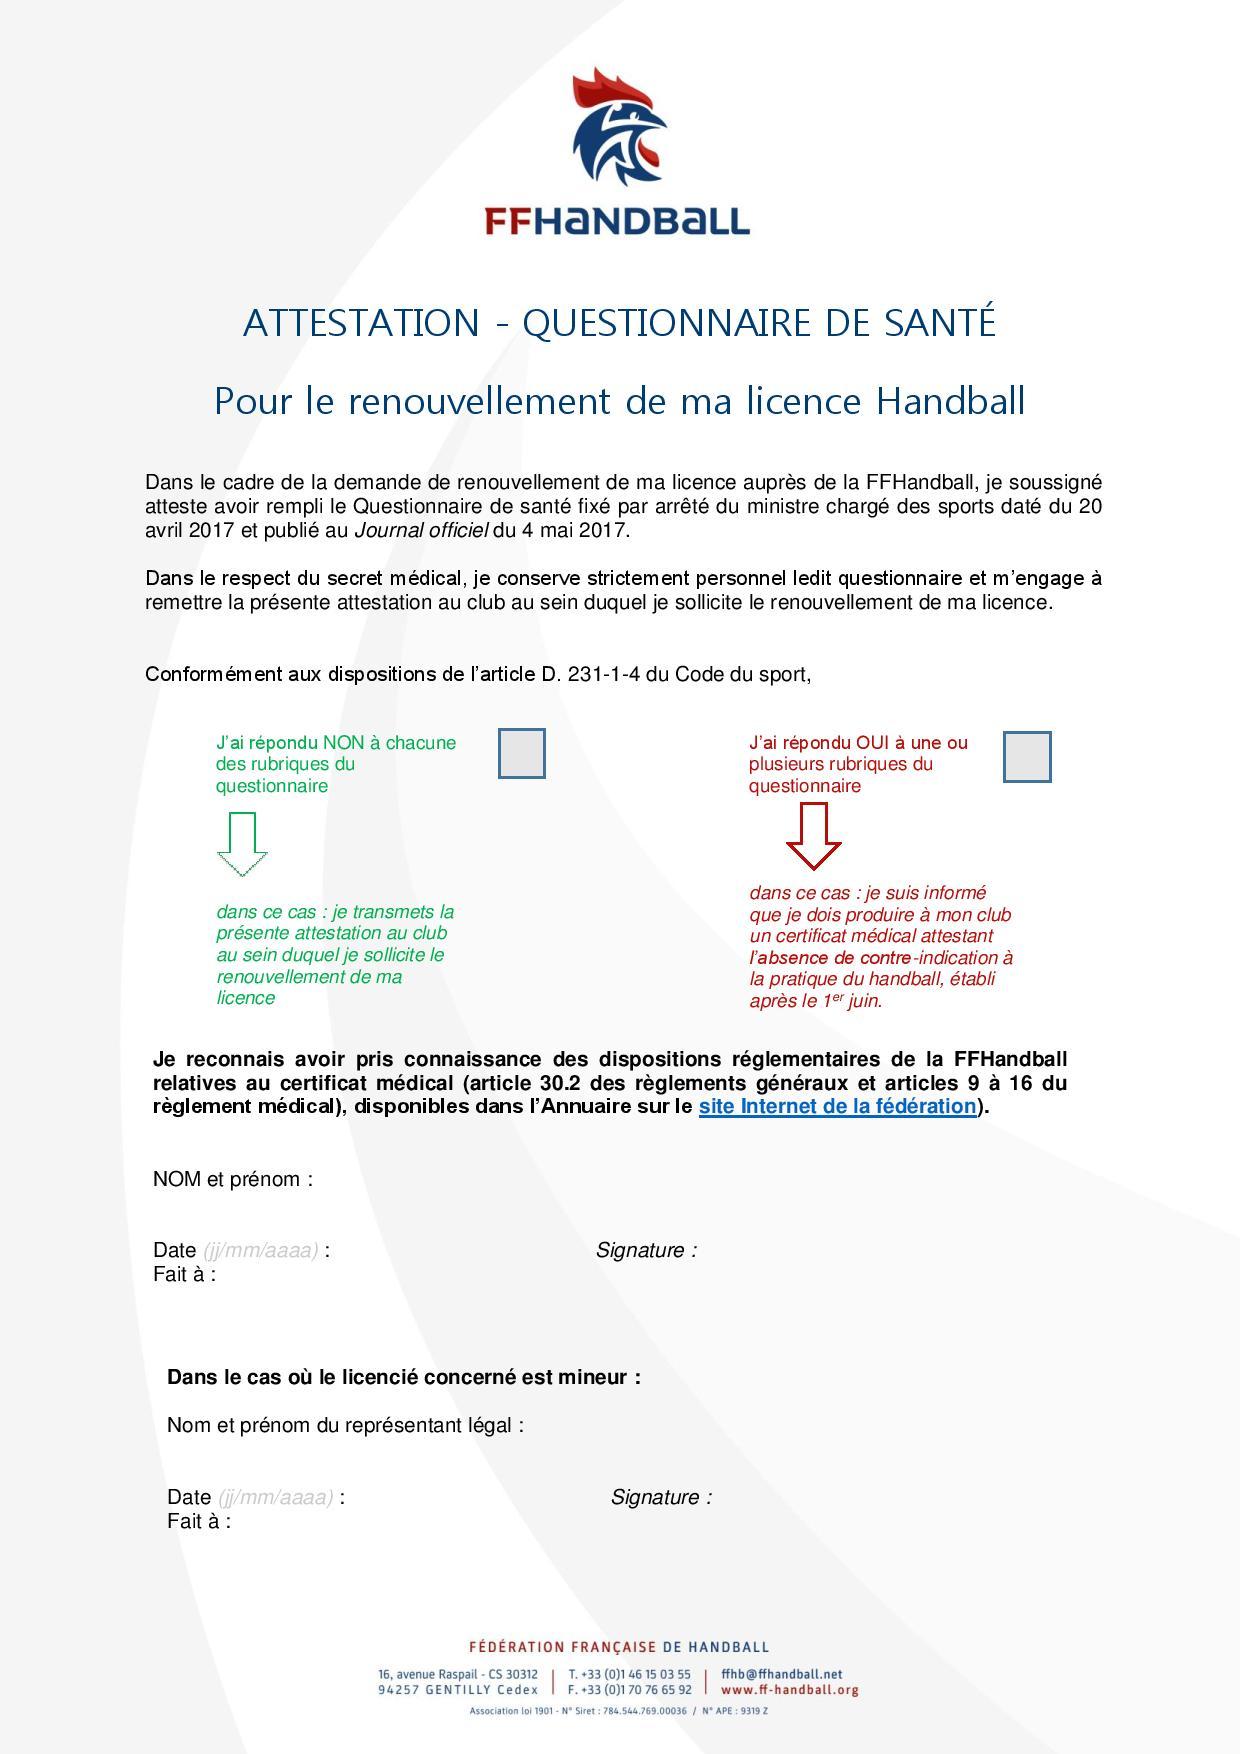 Attestation de Santé et Questionnaire page 1